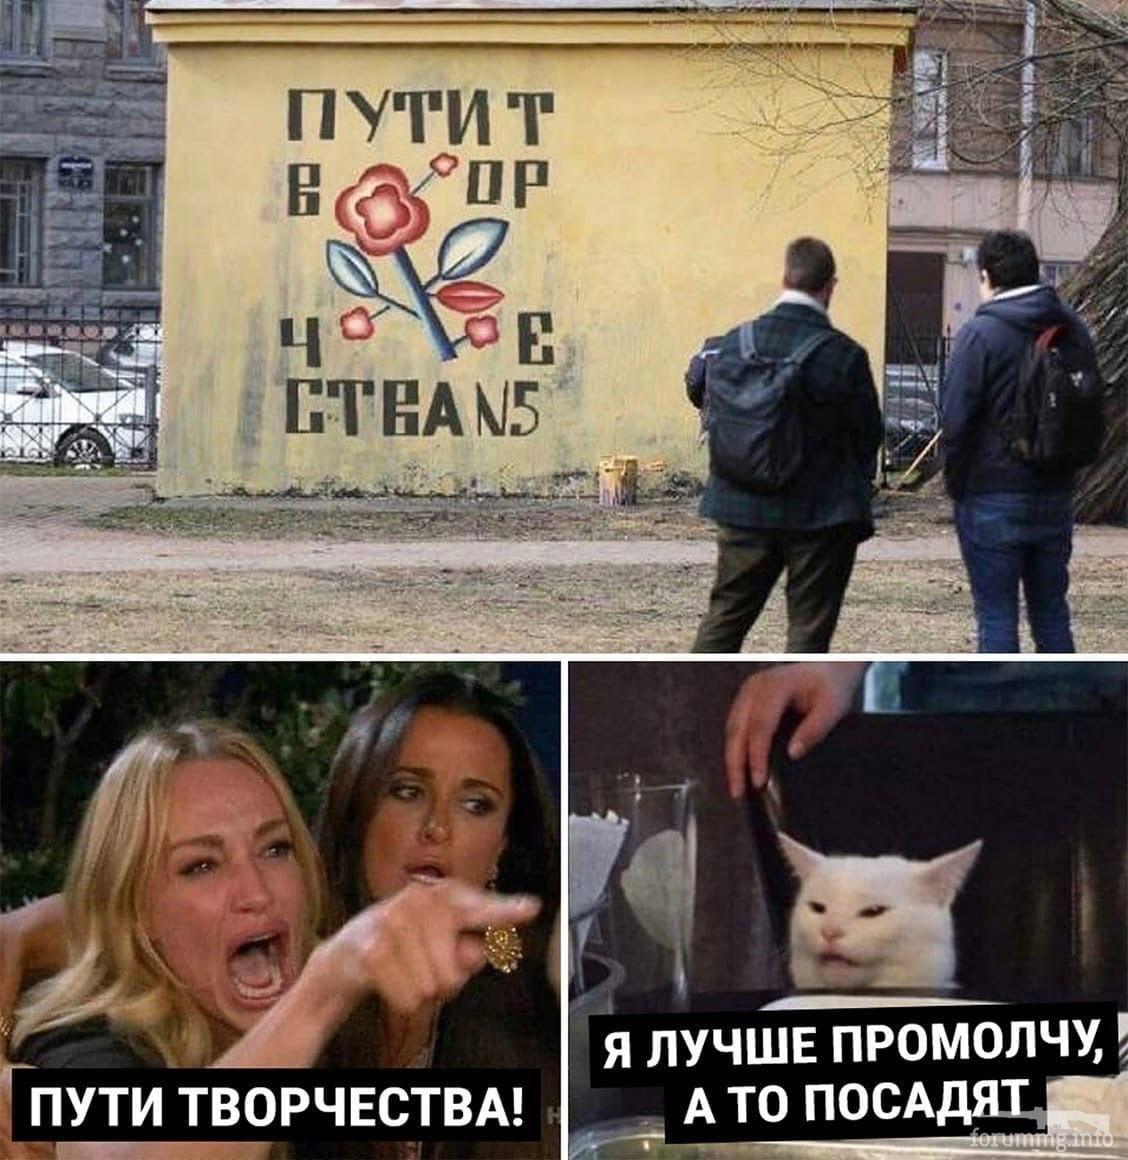 129457 - А в России чудеса!